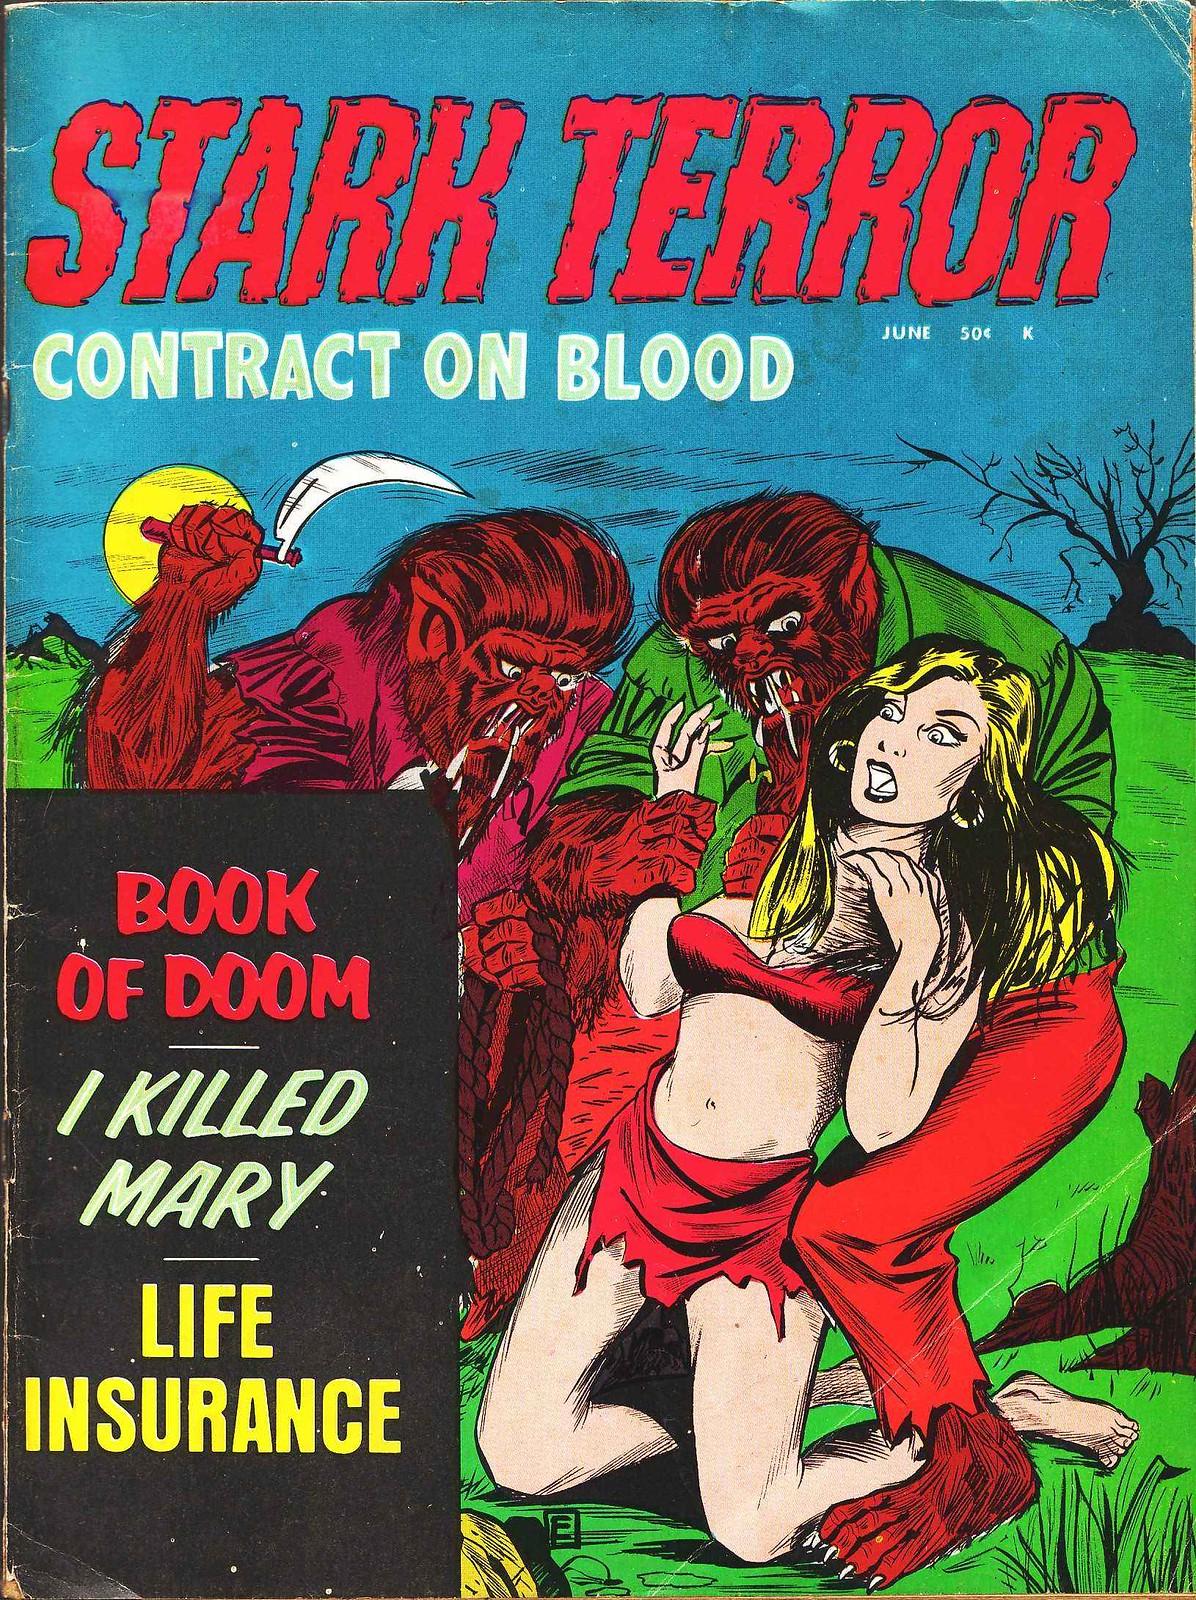 Stark Terror - 04, June 1971